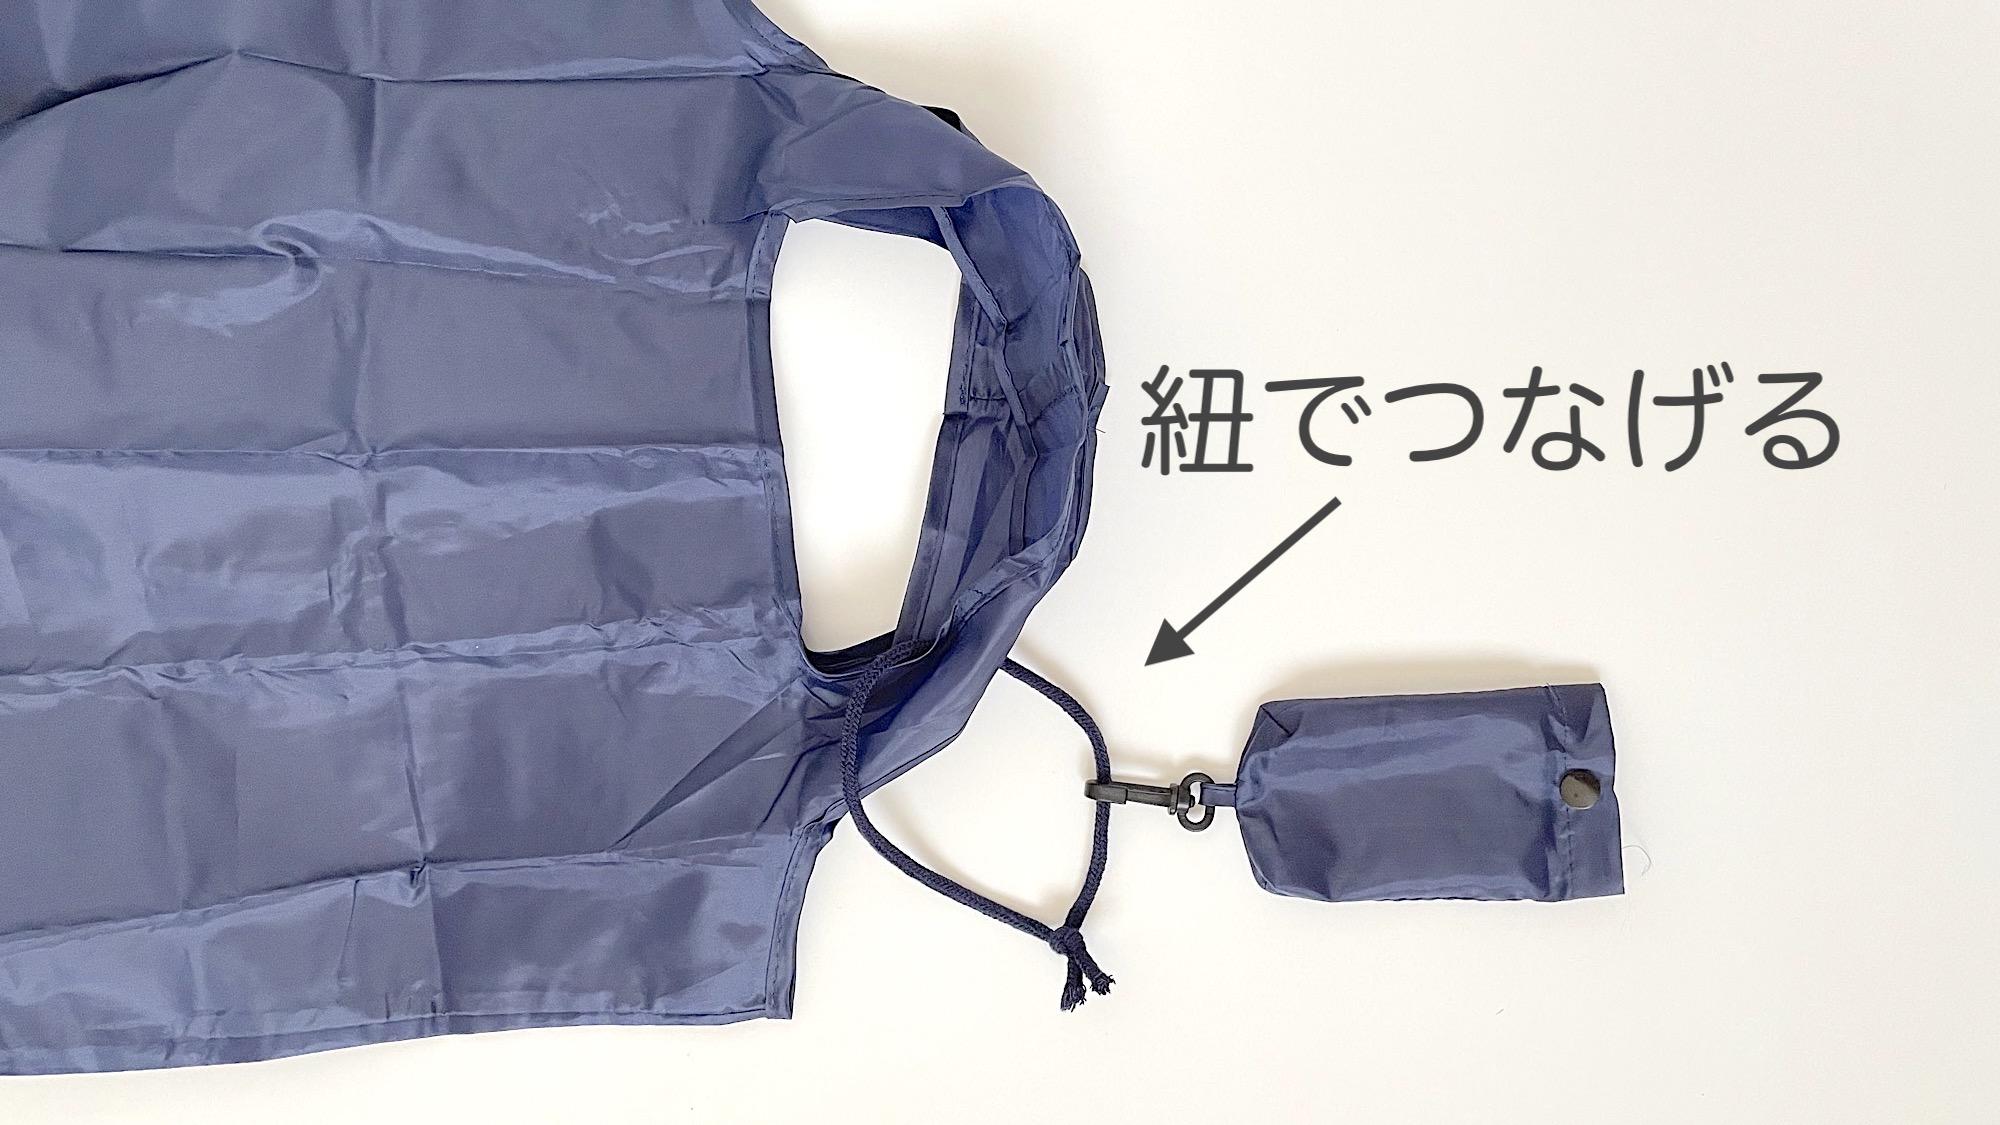 エコバッグと外袋を紐でつなげるーエコバッグをたためない!イライラを解消するアレンジ方法